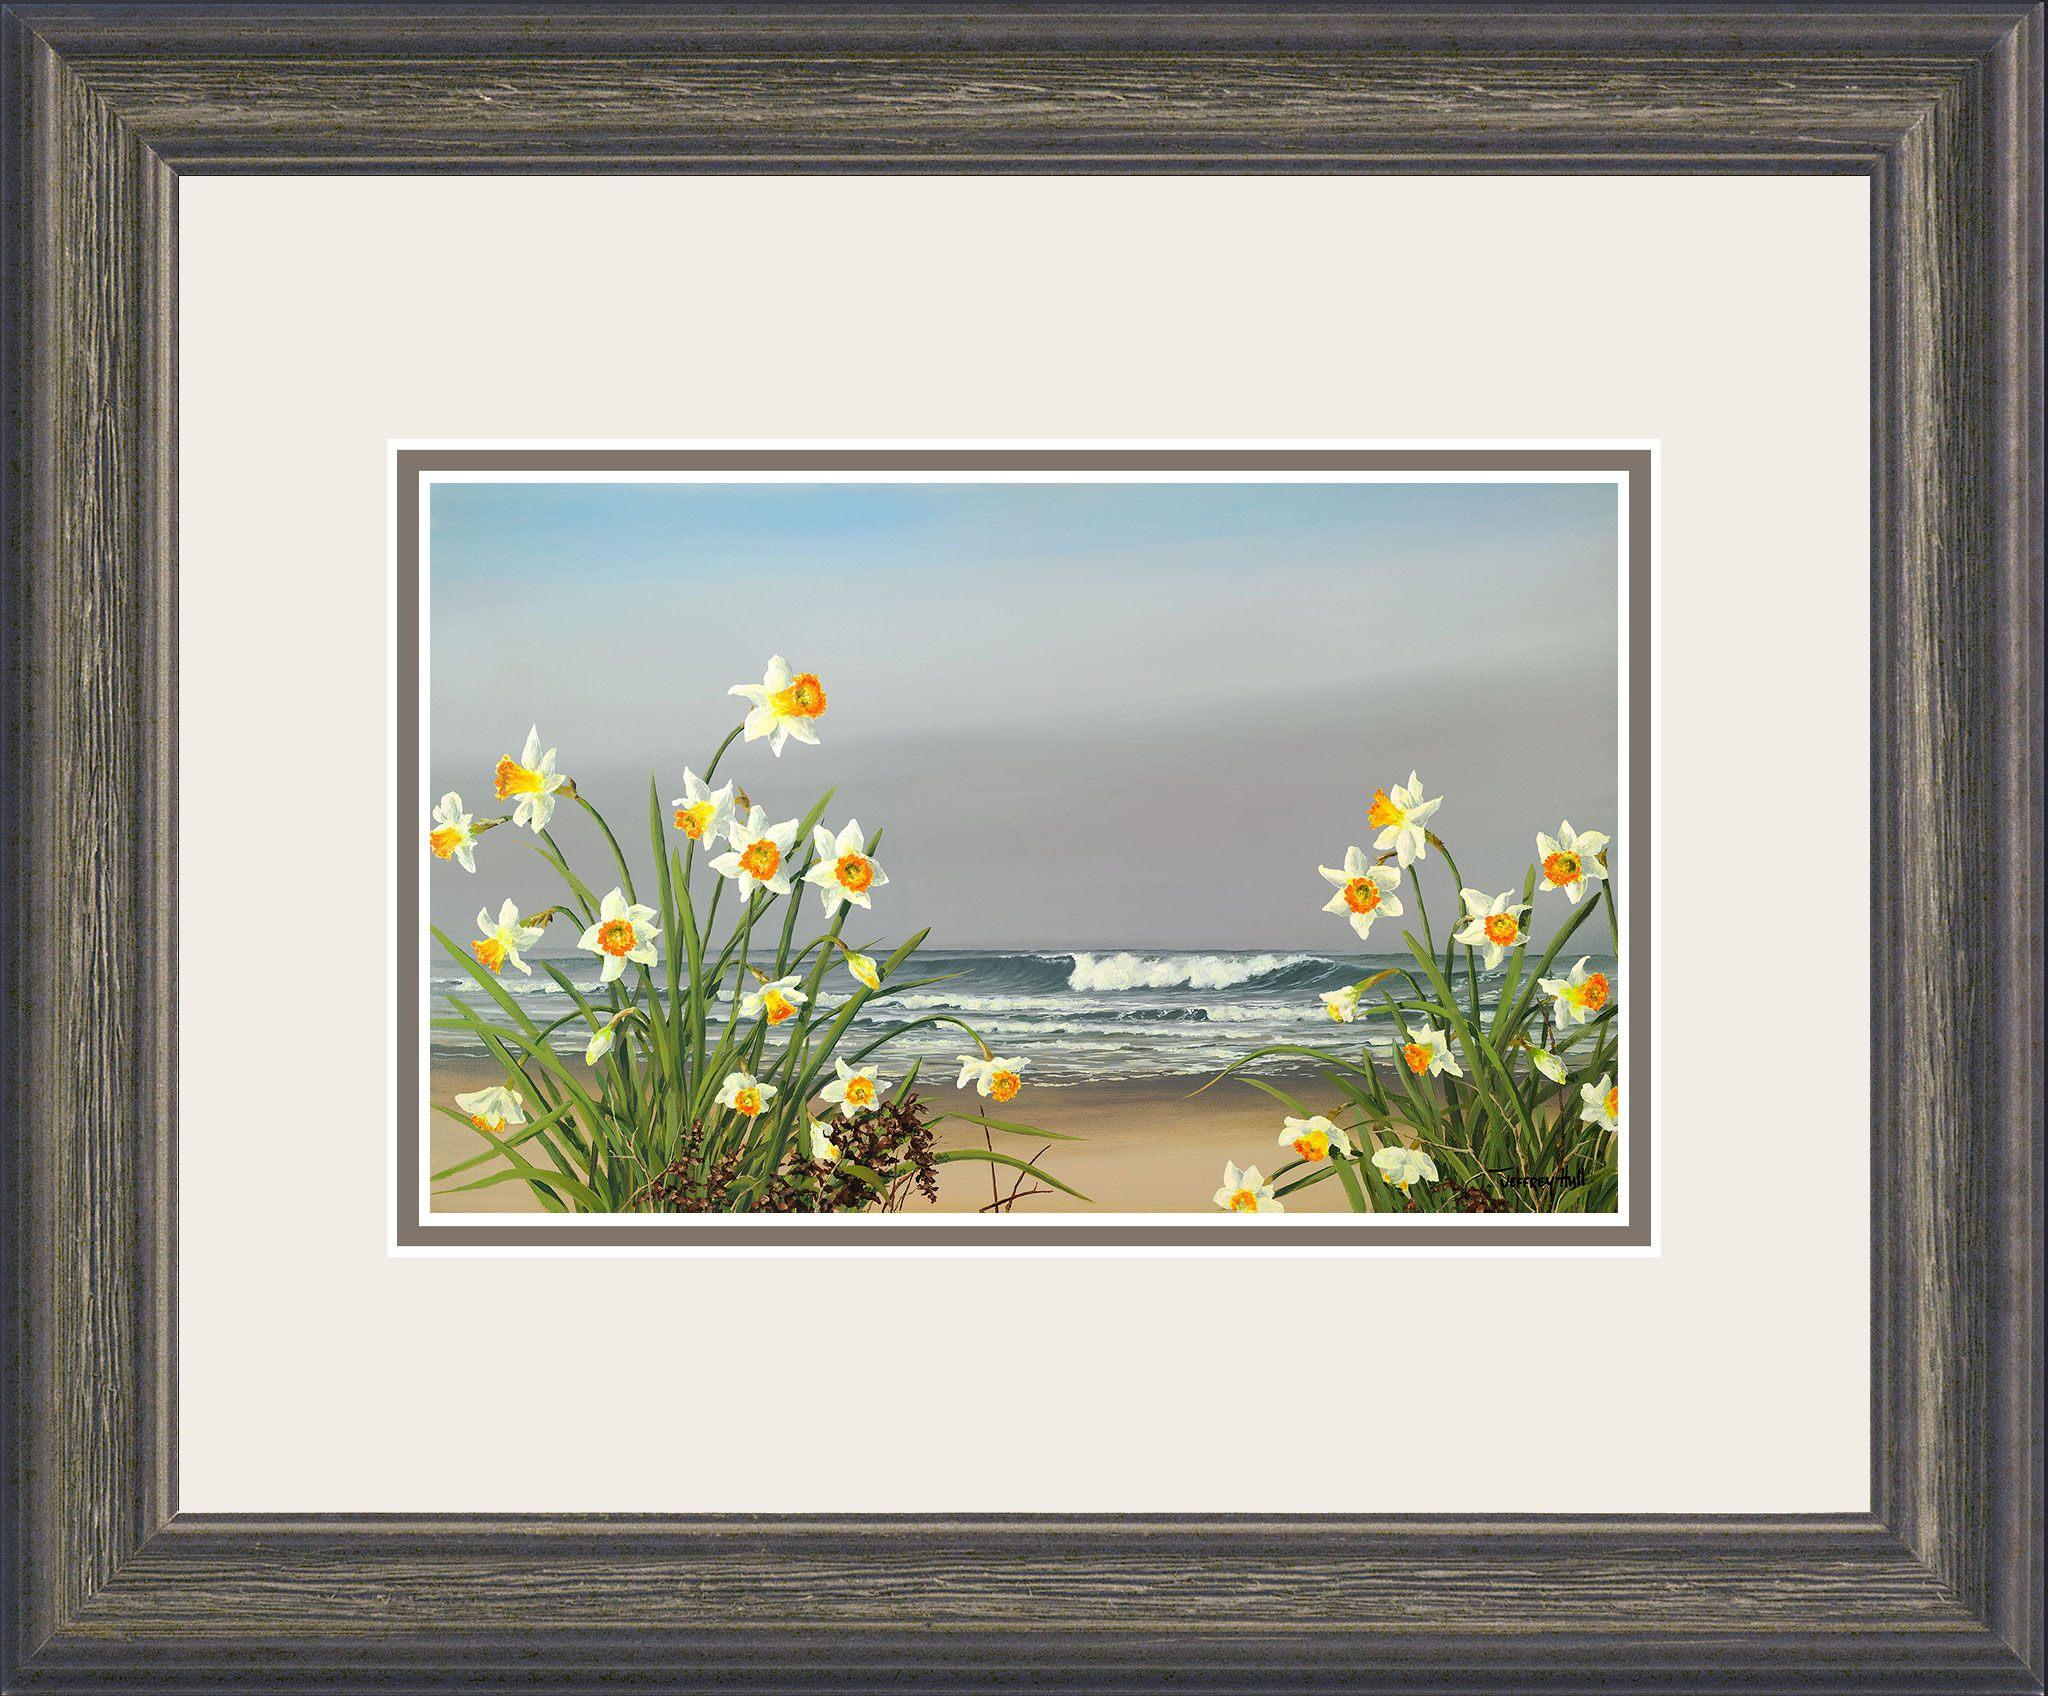 Shoreline-Daffodils-Mini-Cascade-Talc-Balmoral-4-Website-2021